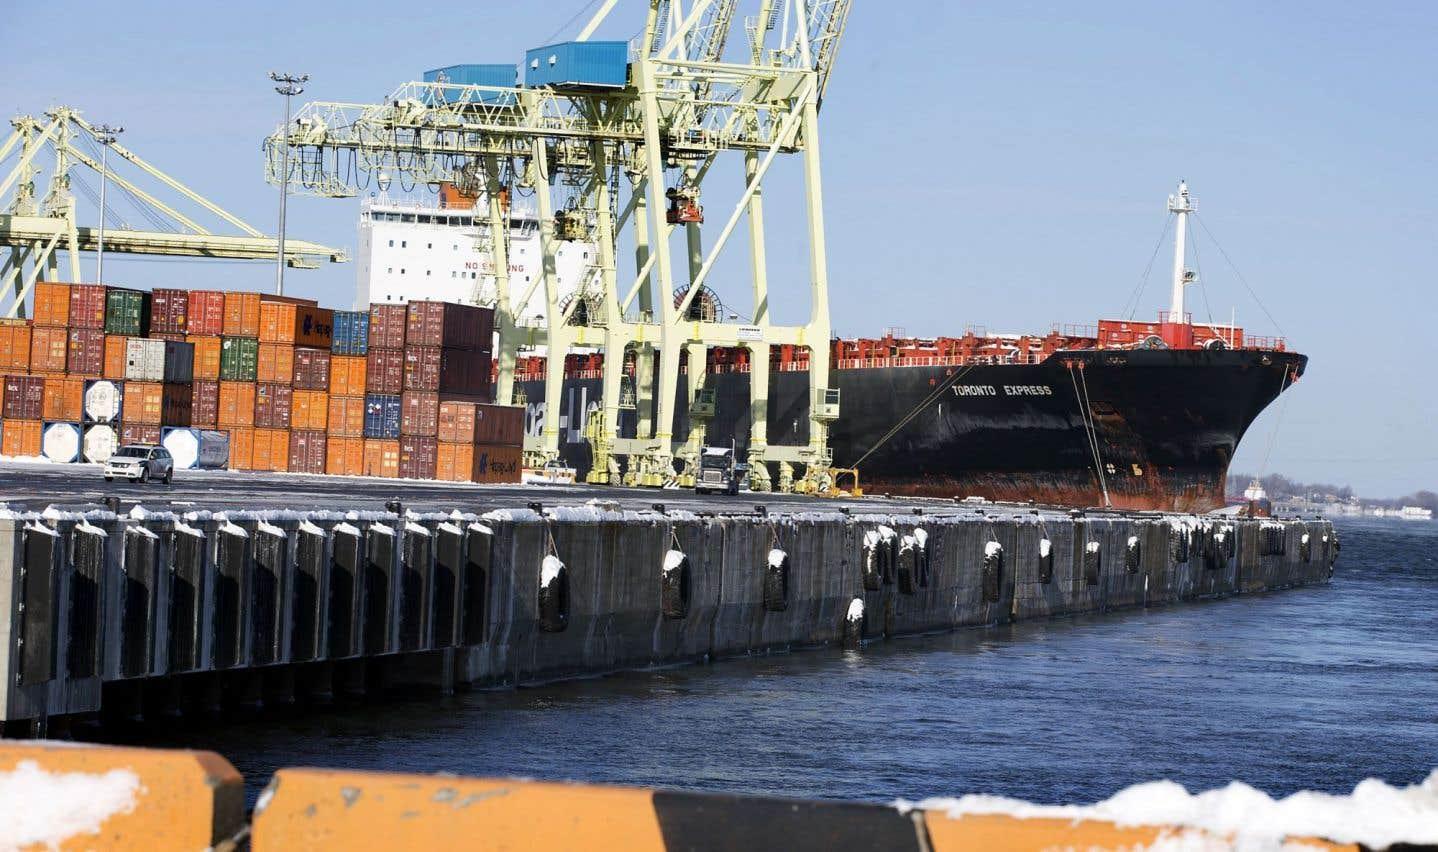 Montréal doit attirer des centres de distribution, dit un spécialiste portuaire